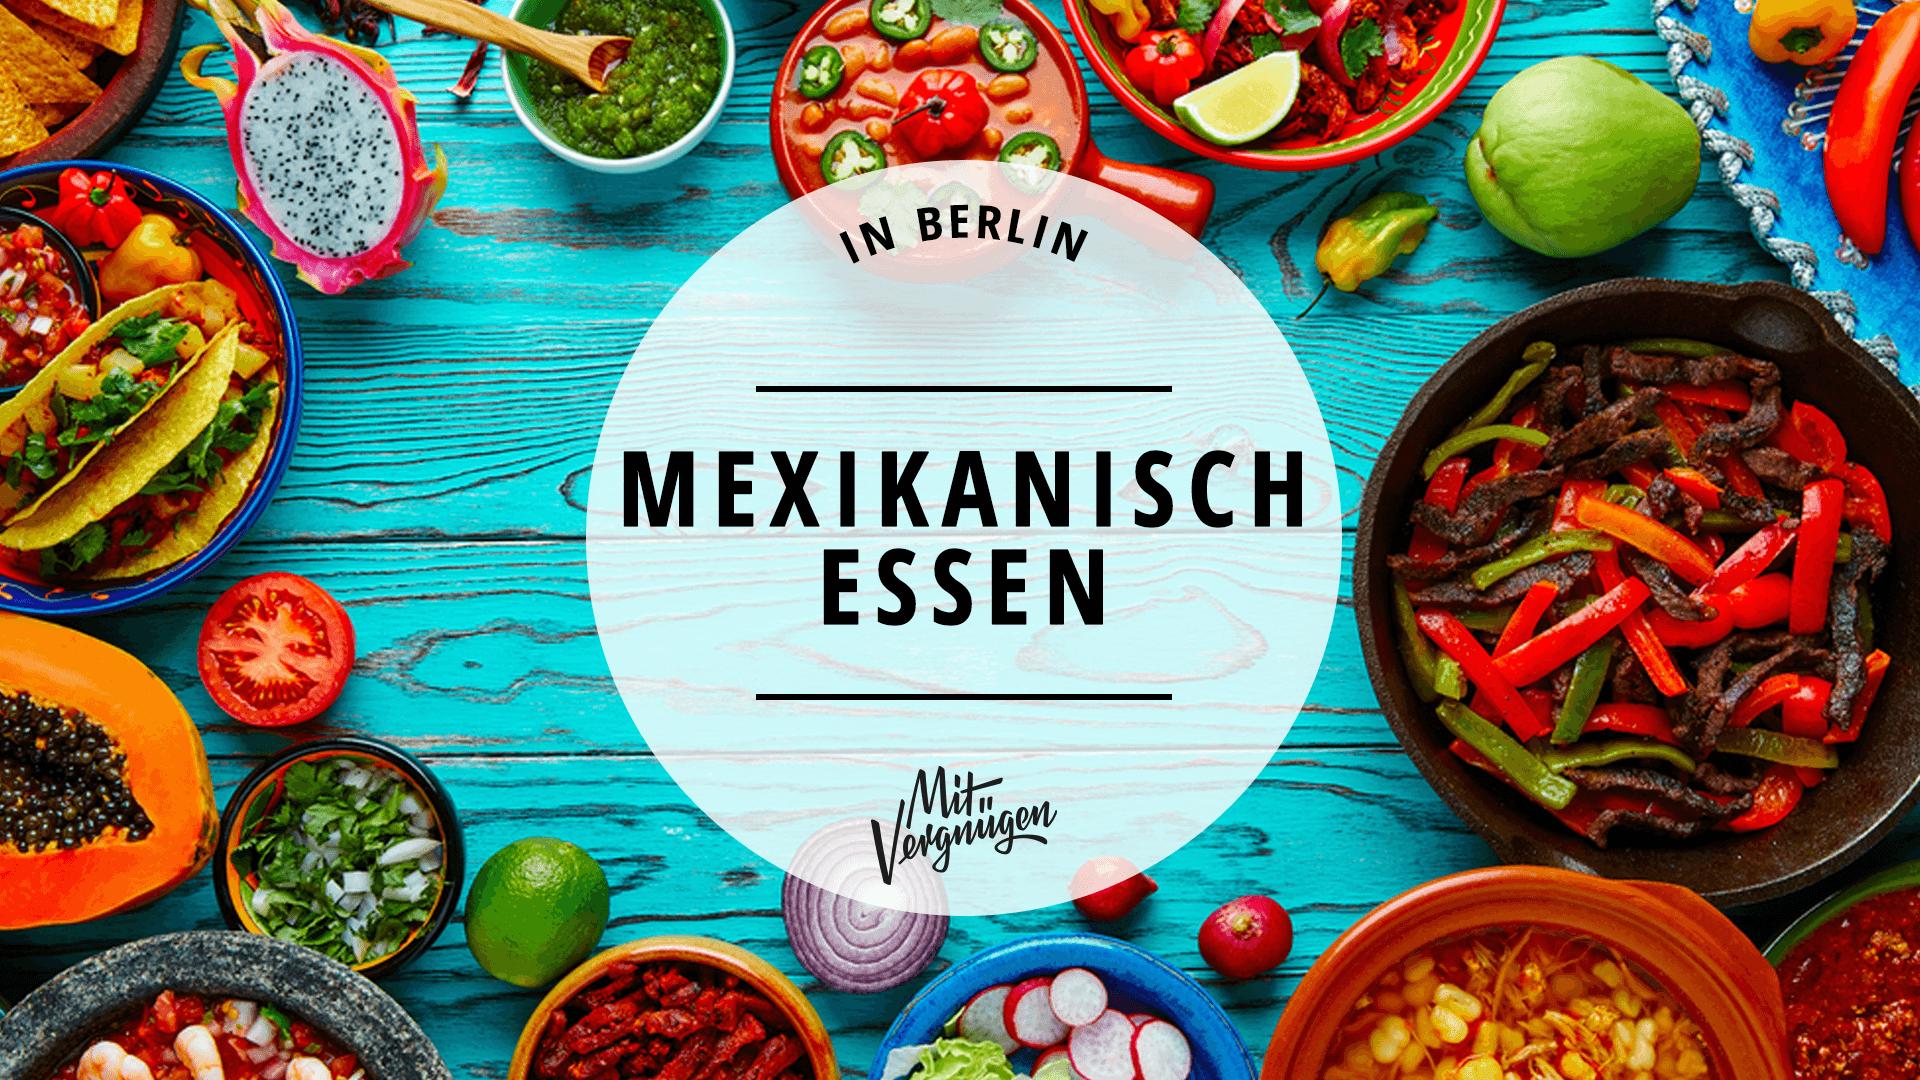 11 orte mit mexikanischem essen in berlin die ihr. Black Bedroom Furniture Sets. Home Design Ideas